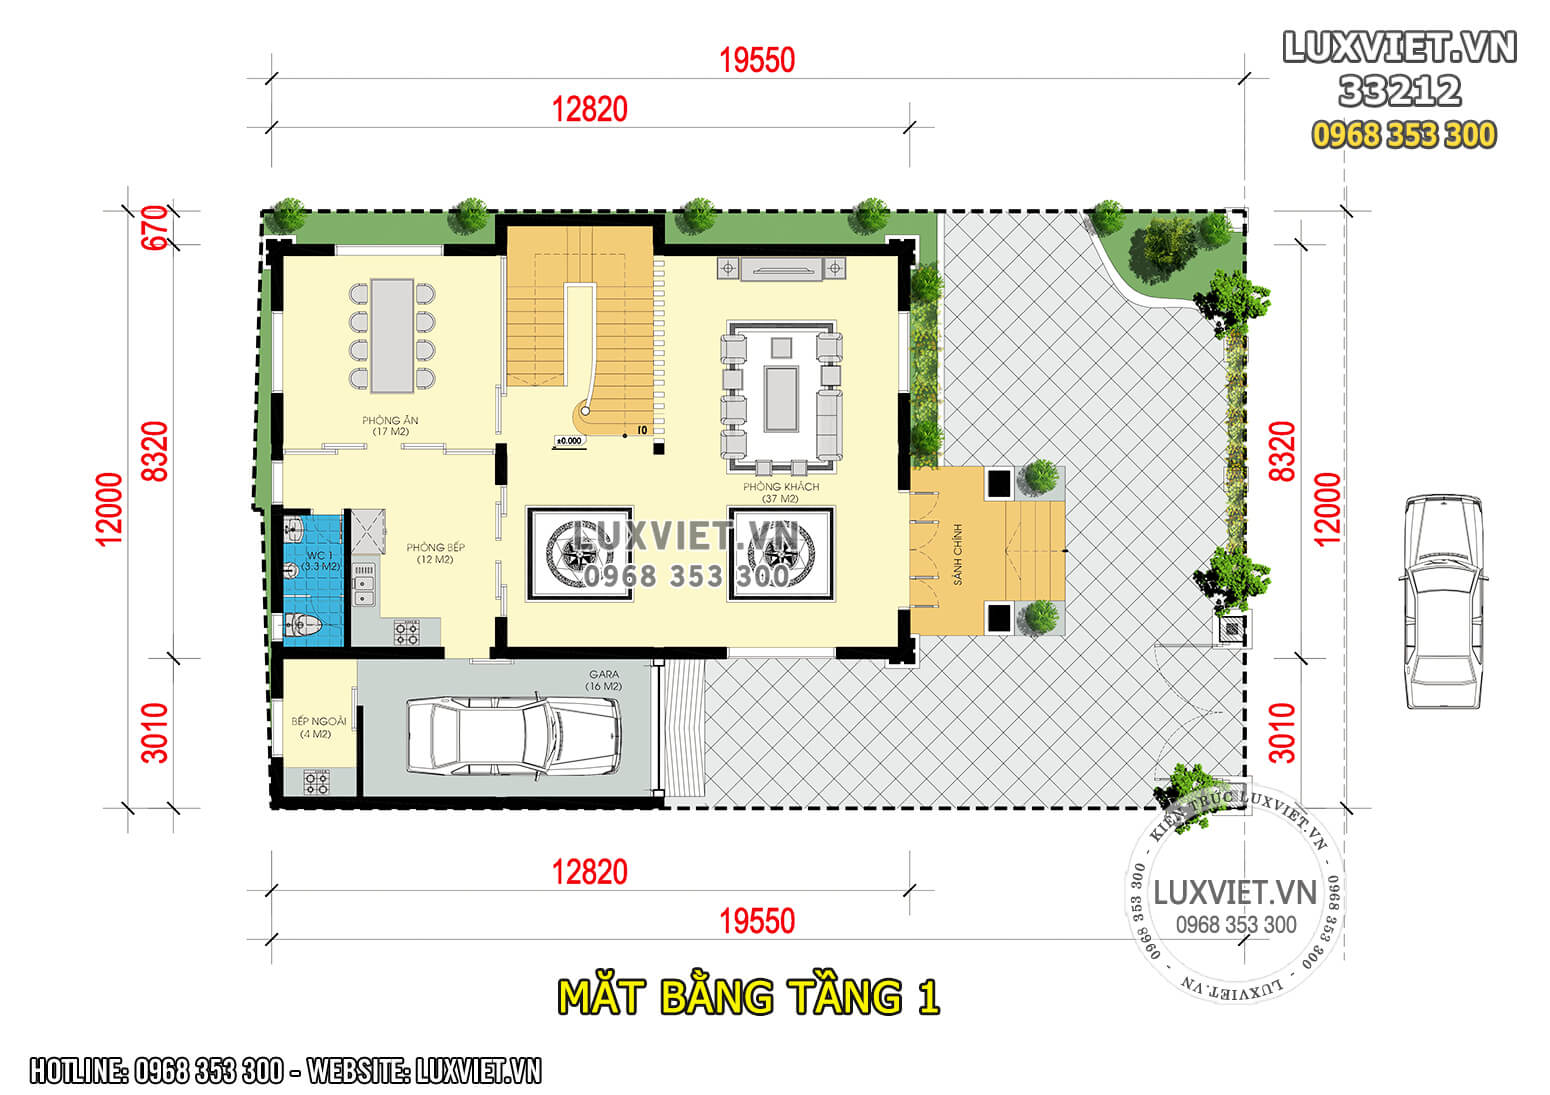 Hình ảnh: Mặt bằng công năng tầng 1 nhà 3 tầng 100m2 - LV 33212